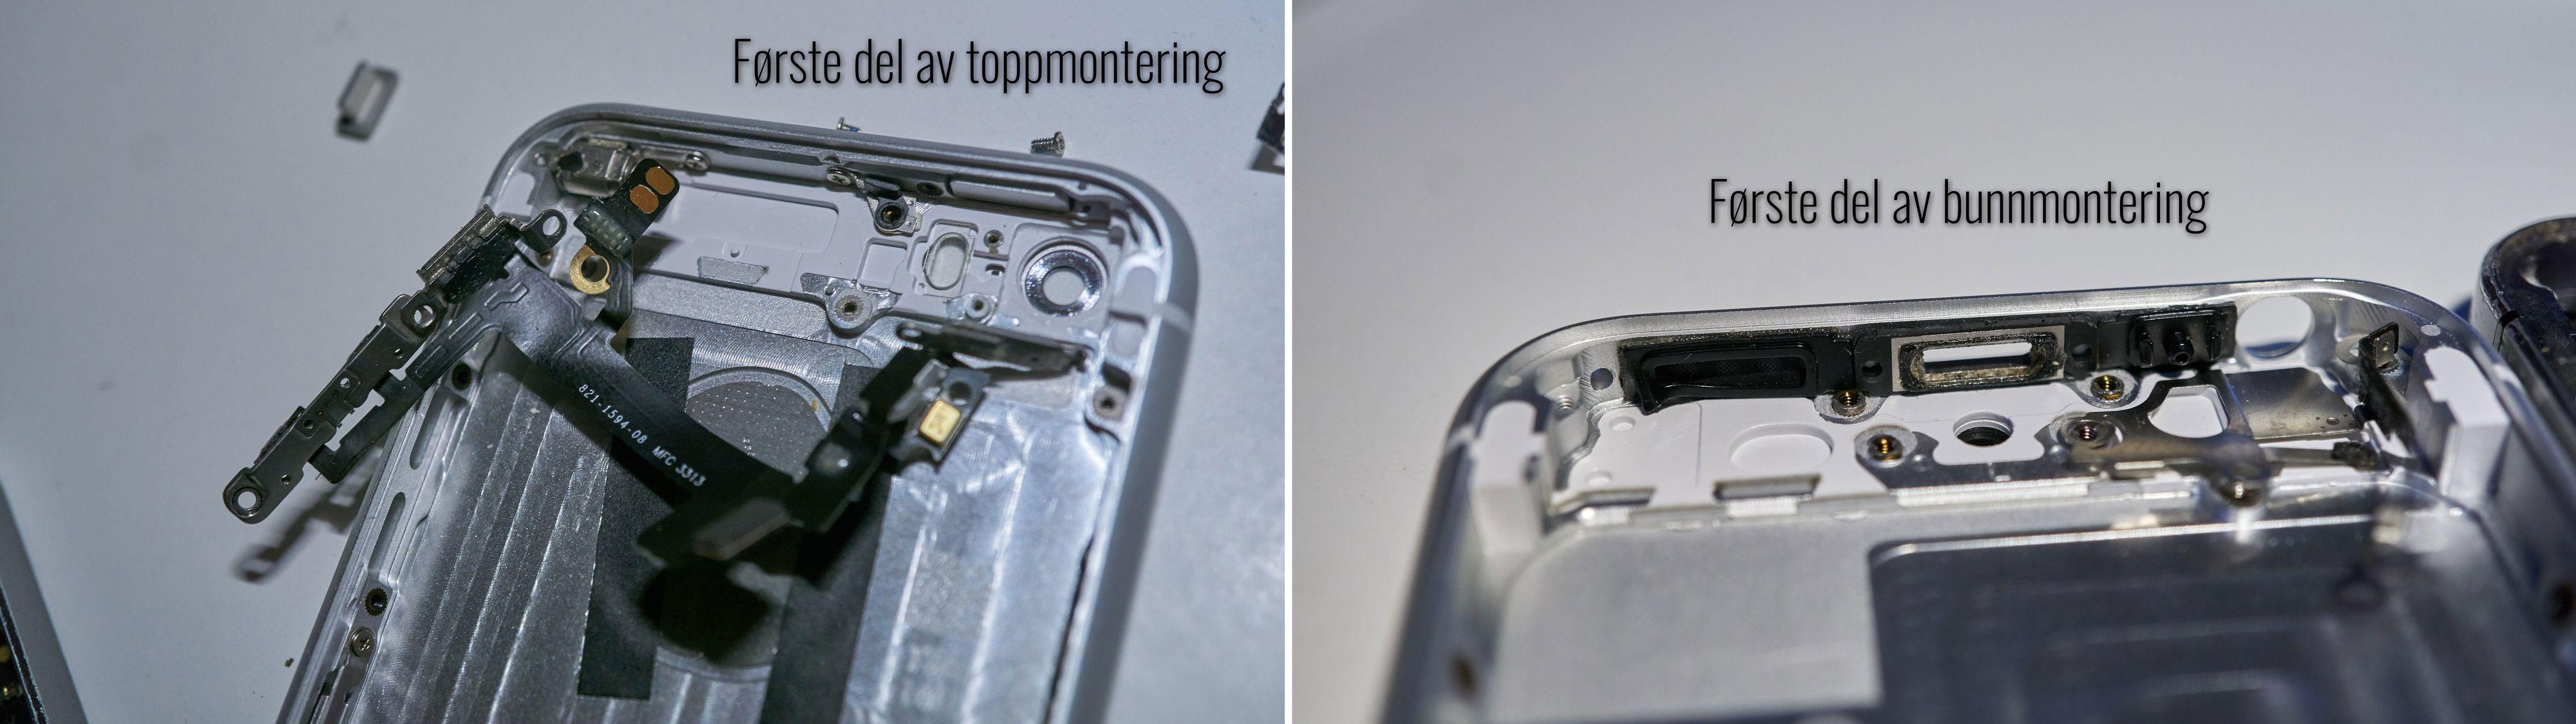 Aller først må elektronikk og pakninger i topp og bunn monteres.